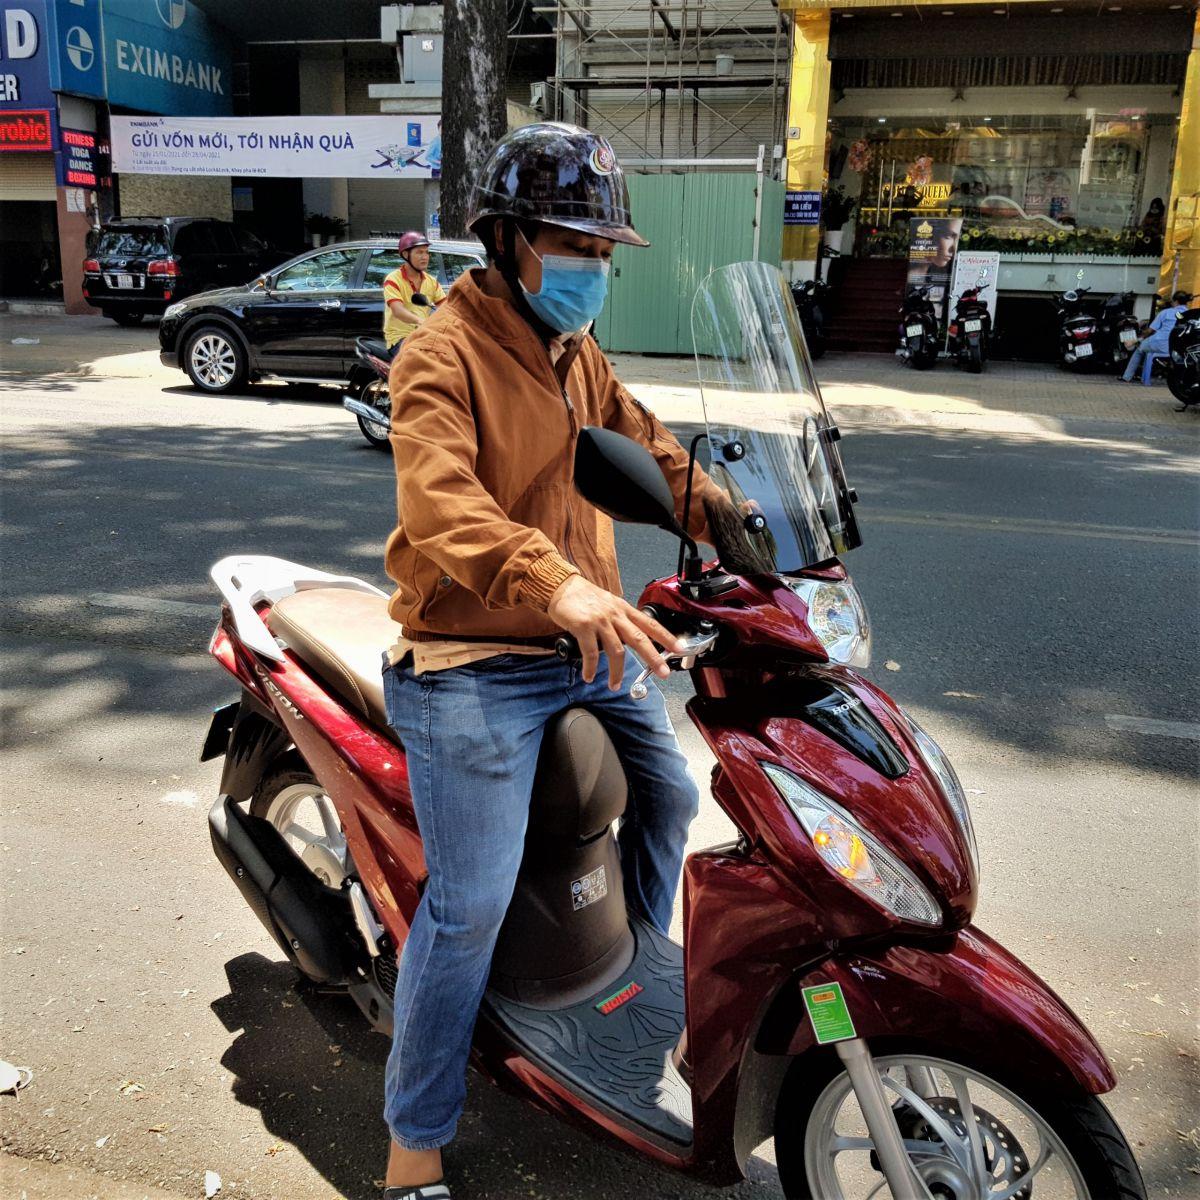 Kinh-chan-gio-xe-may-Vision-thuong-hieu-Thanh-Trung-17b